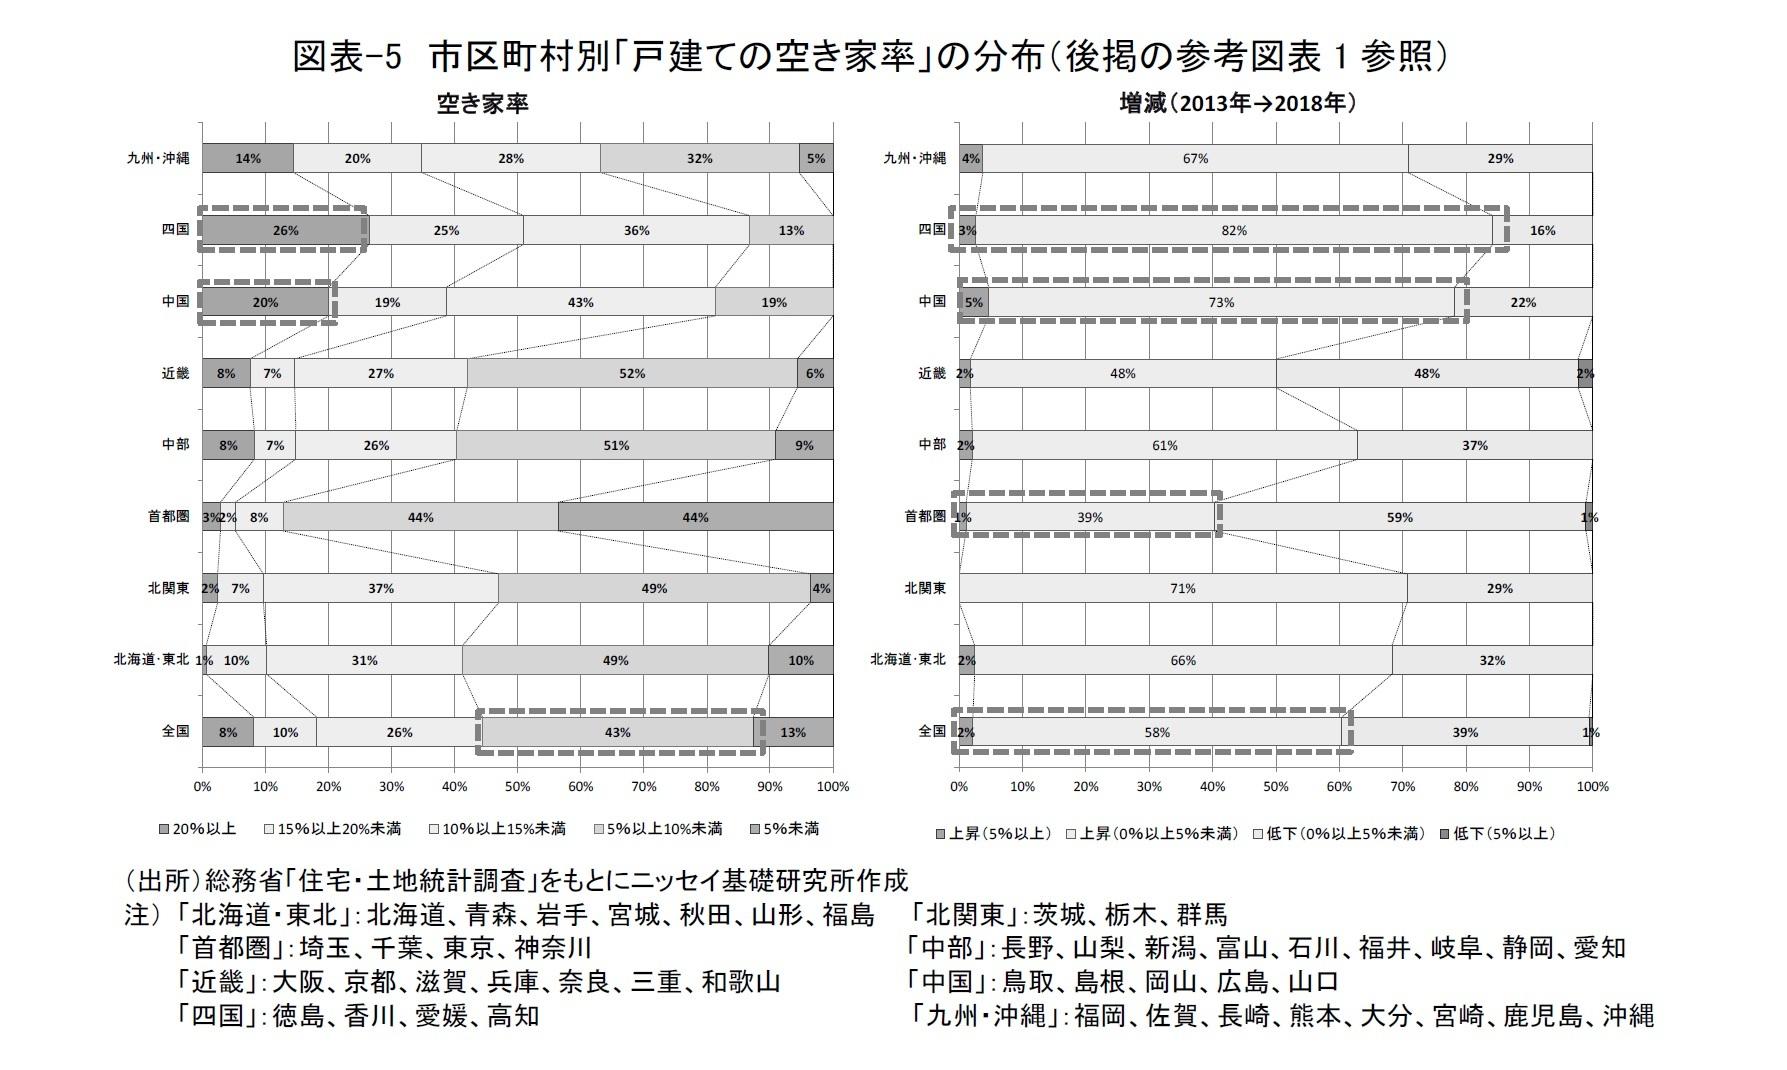 図表-5 市区町村別「戸建ての空き家率」の分布(後掲の参考図表1参照)